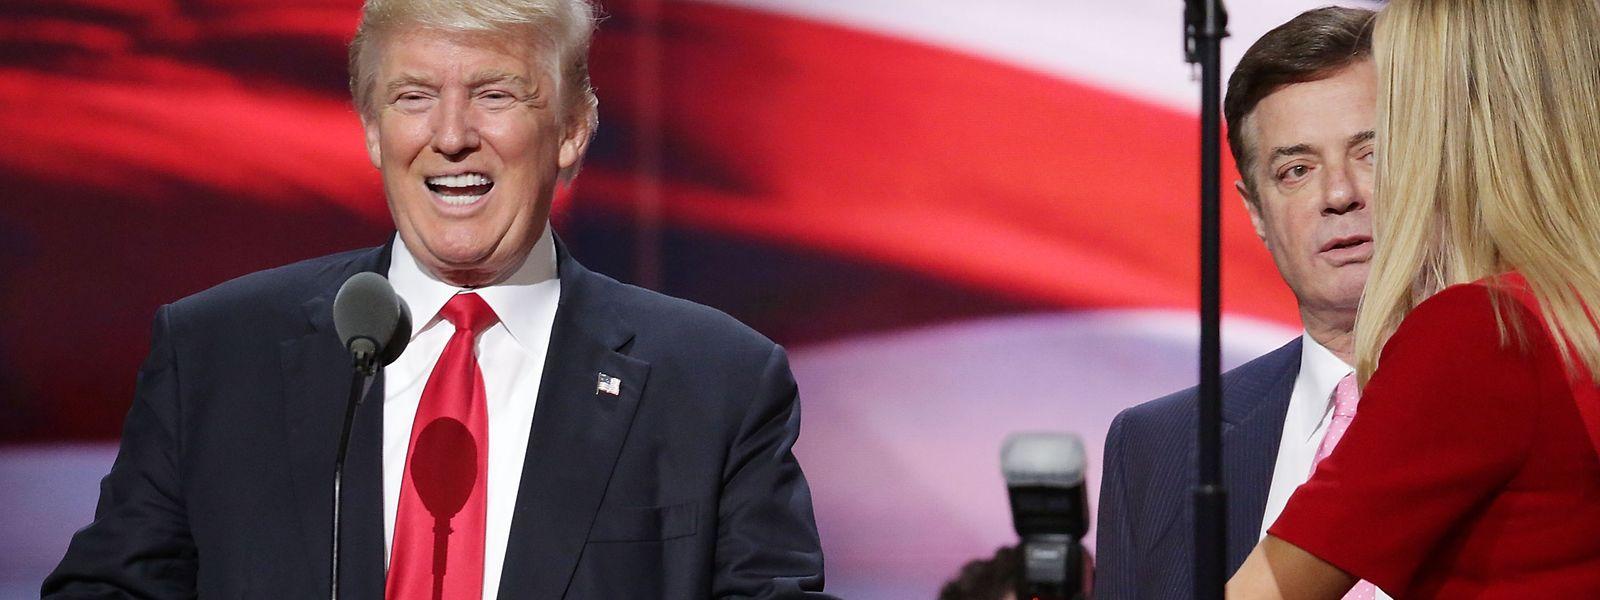 Der Mann hinter Trump könnte den US-Präsidenten in arge Probleme bringen - und damit ist Paul Manafort nicht der einzige.